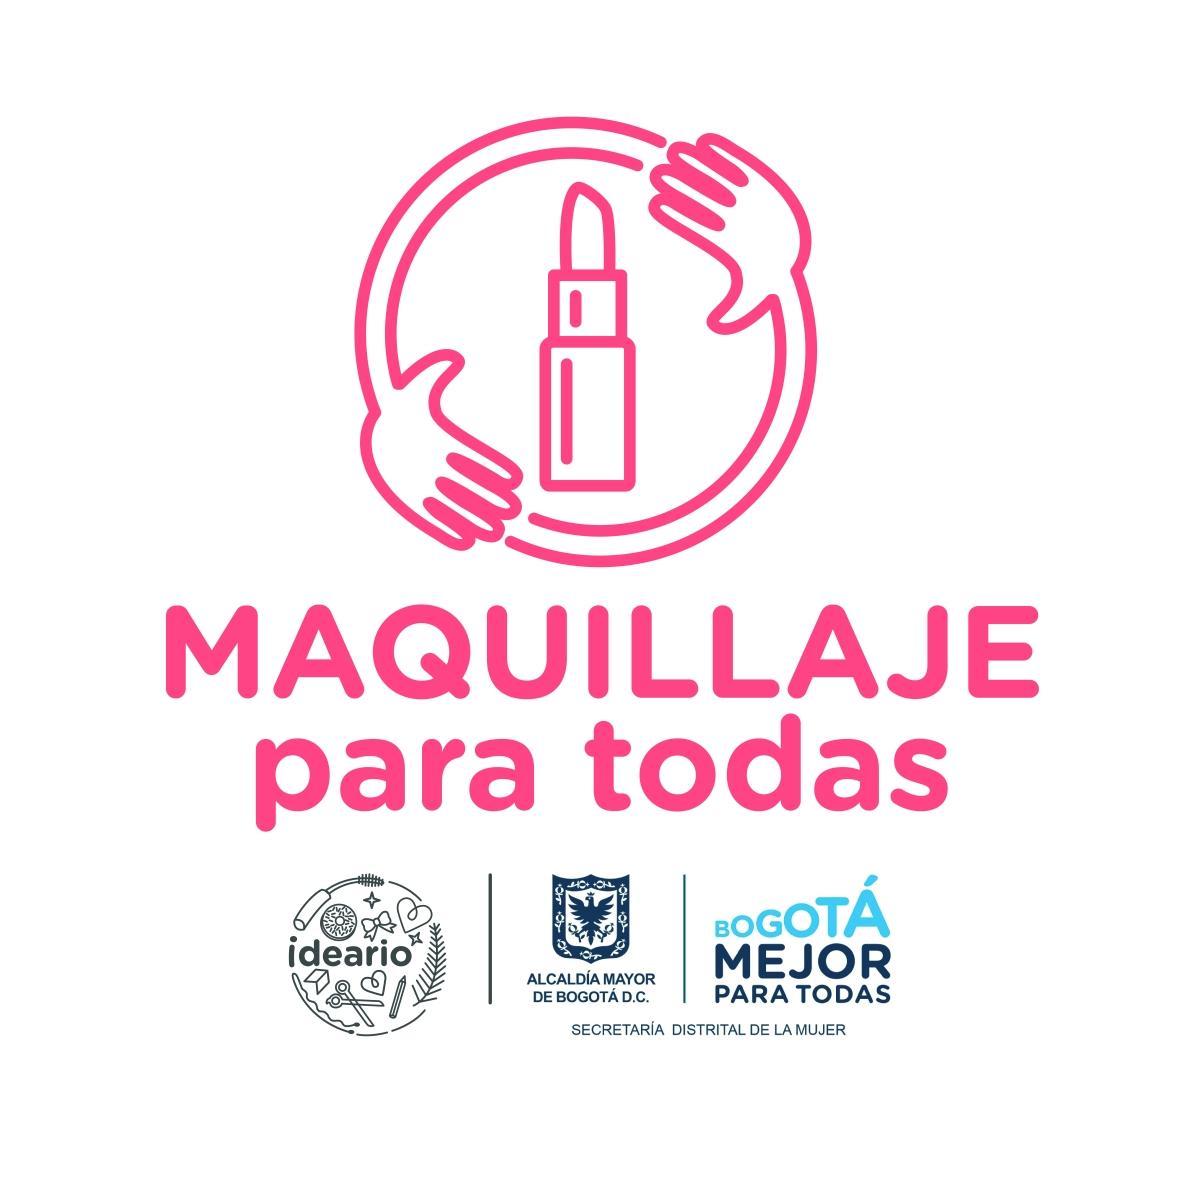 Una campaña de Ideario + la Secretaría Distrital de la Mujer